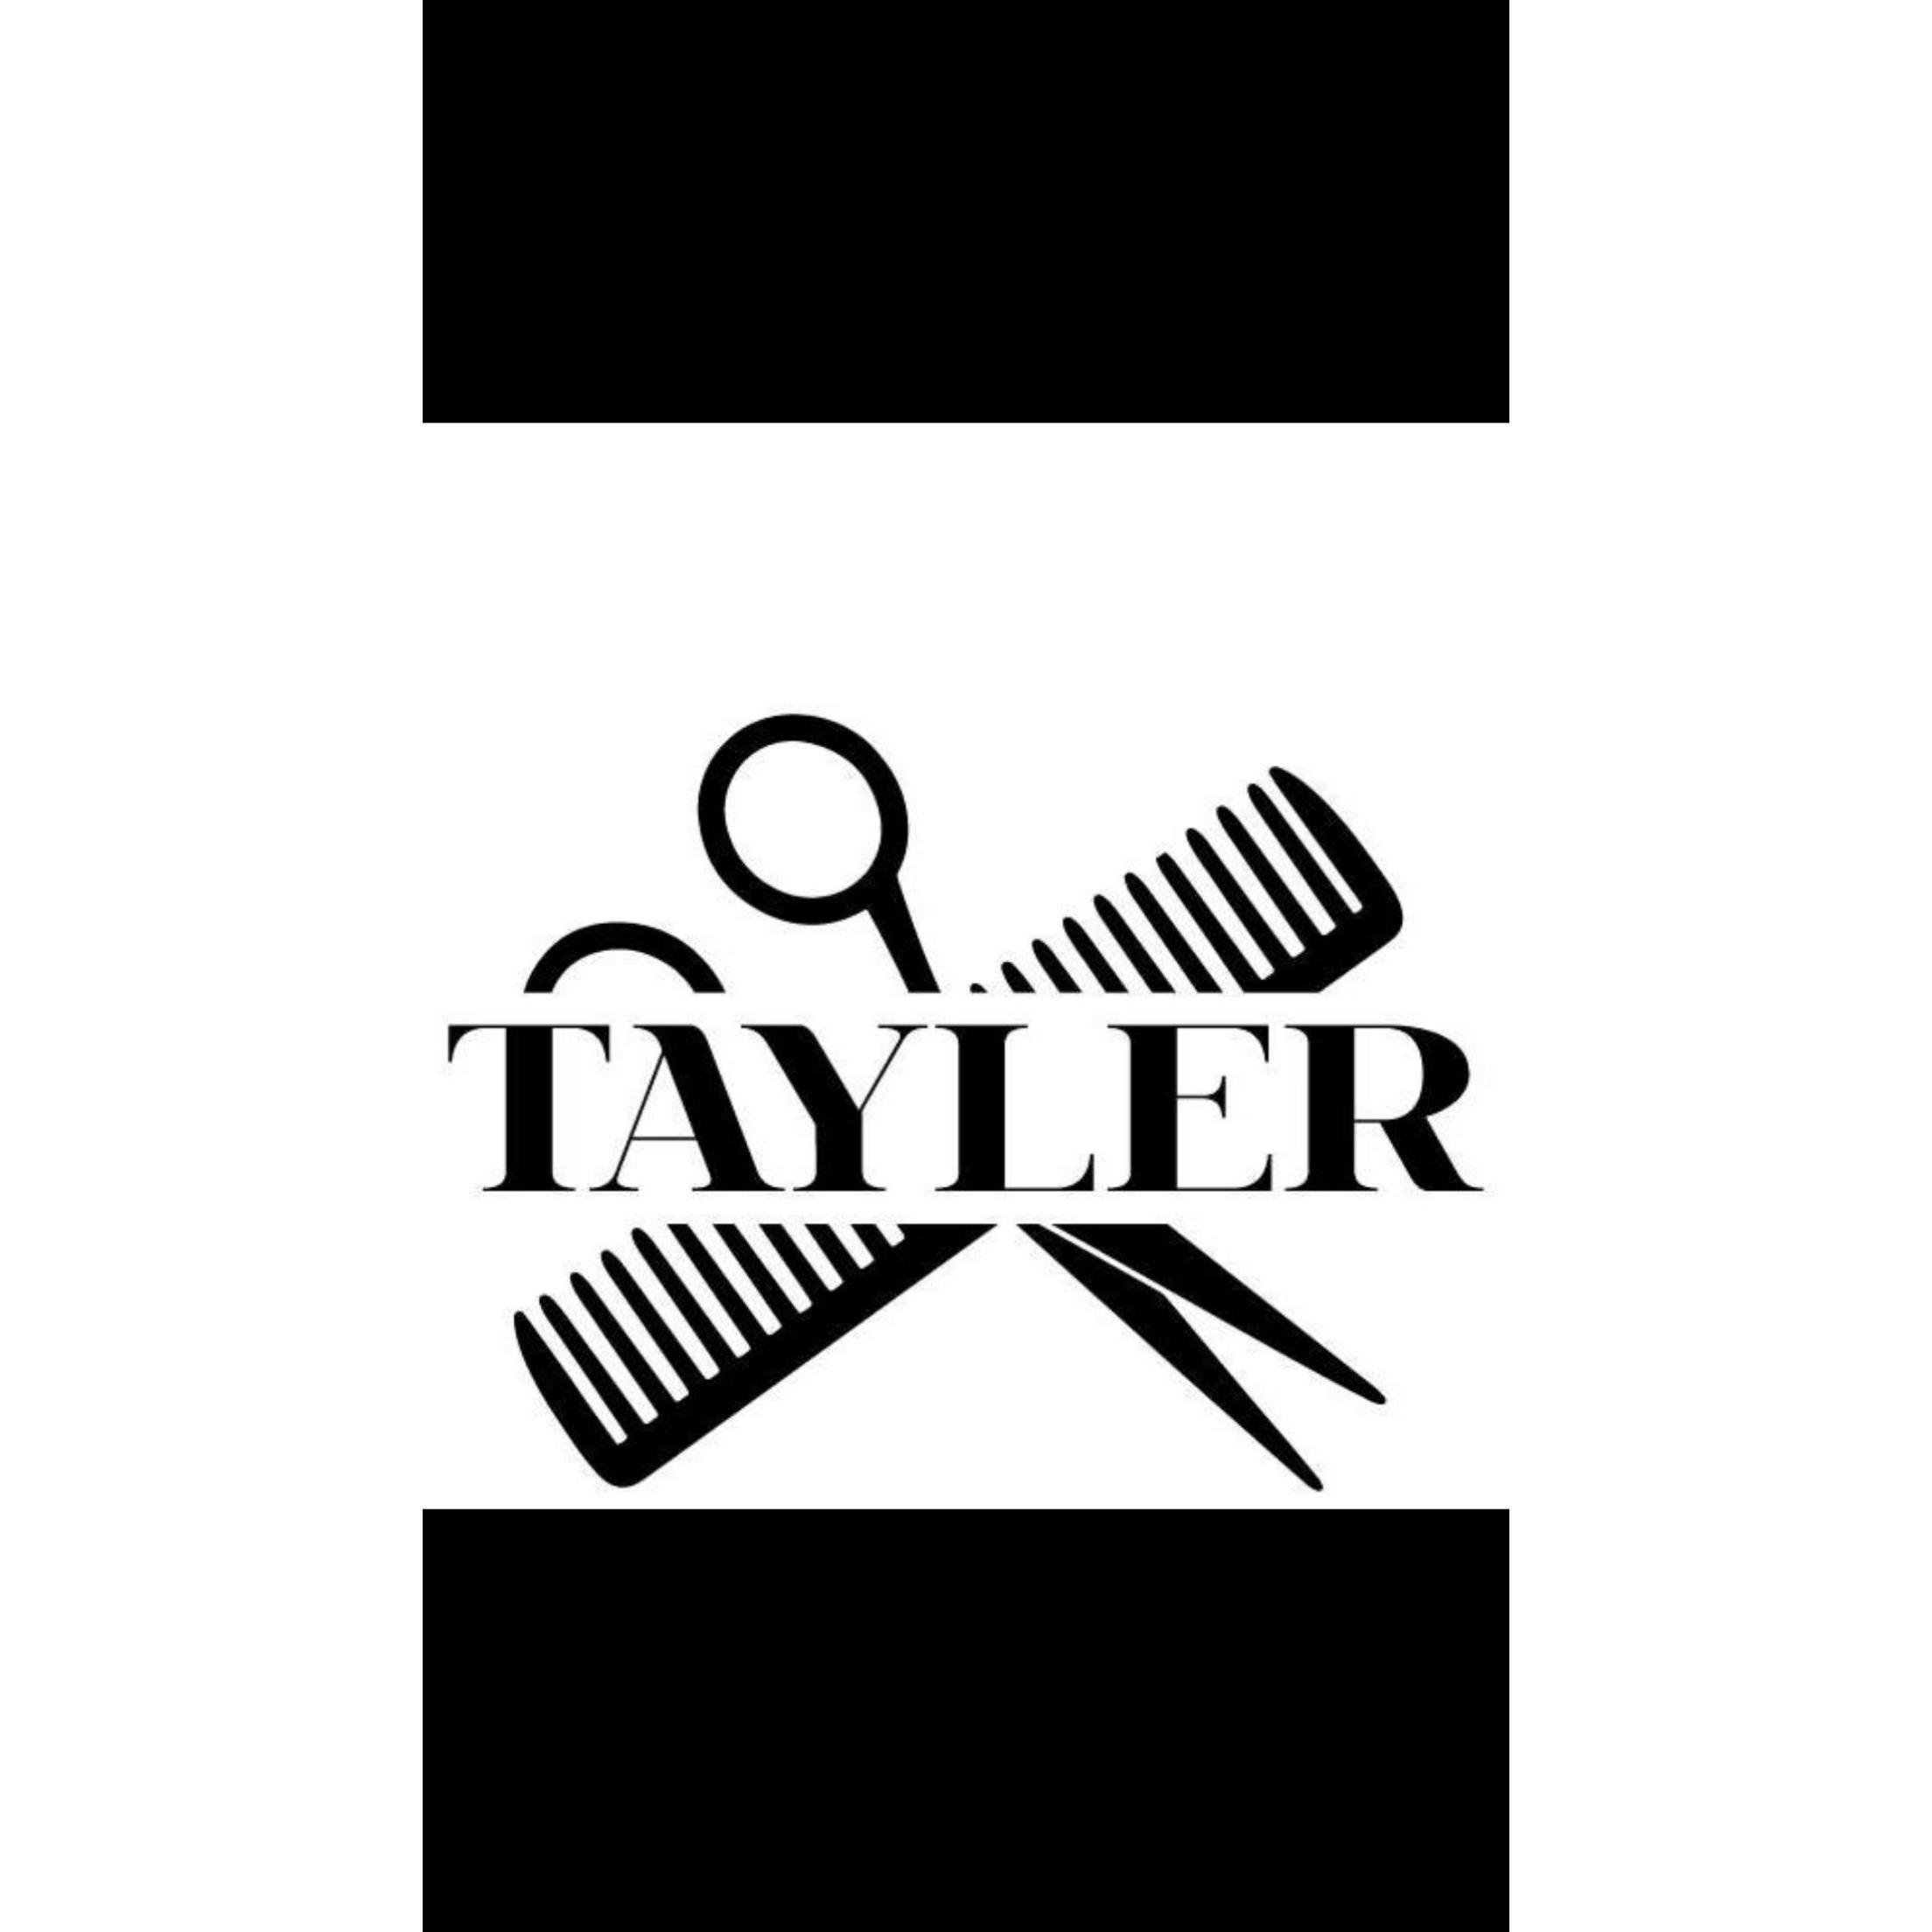 Friseur Tayler